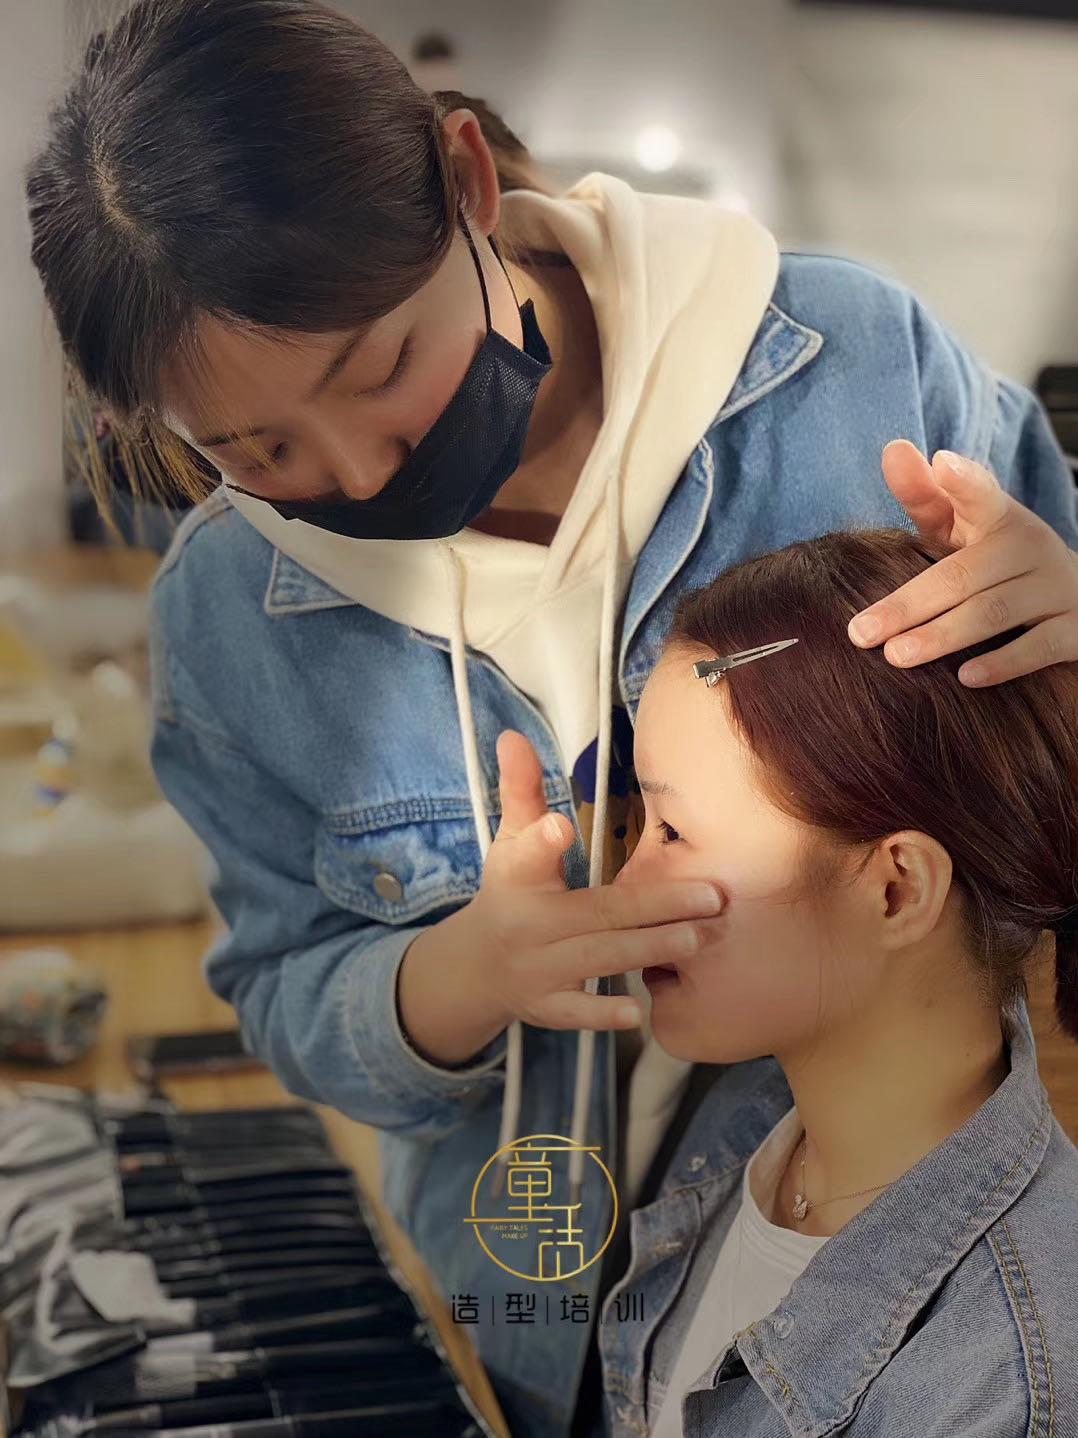 学生在学校期间怎么学习化妆呢?